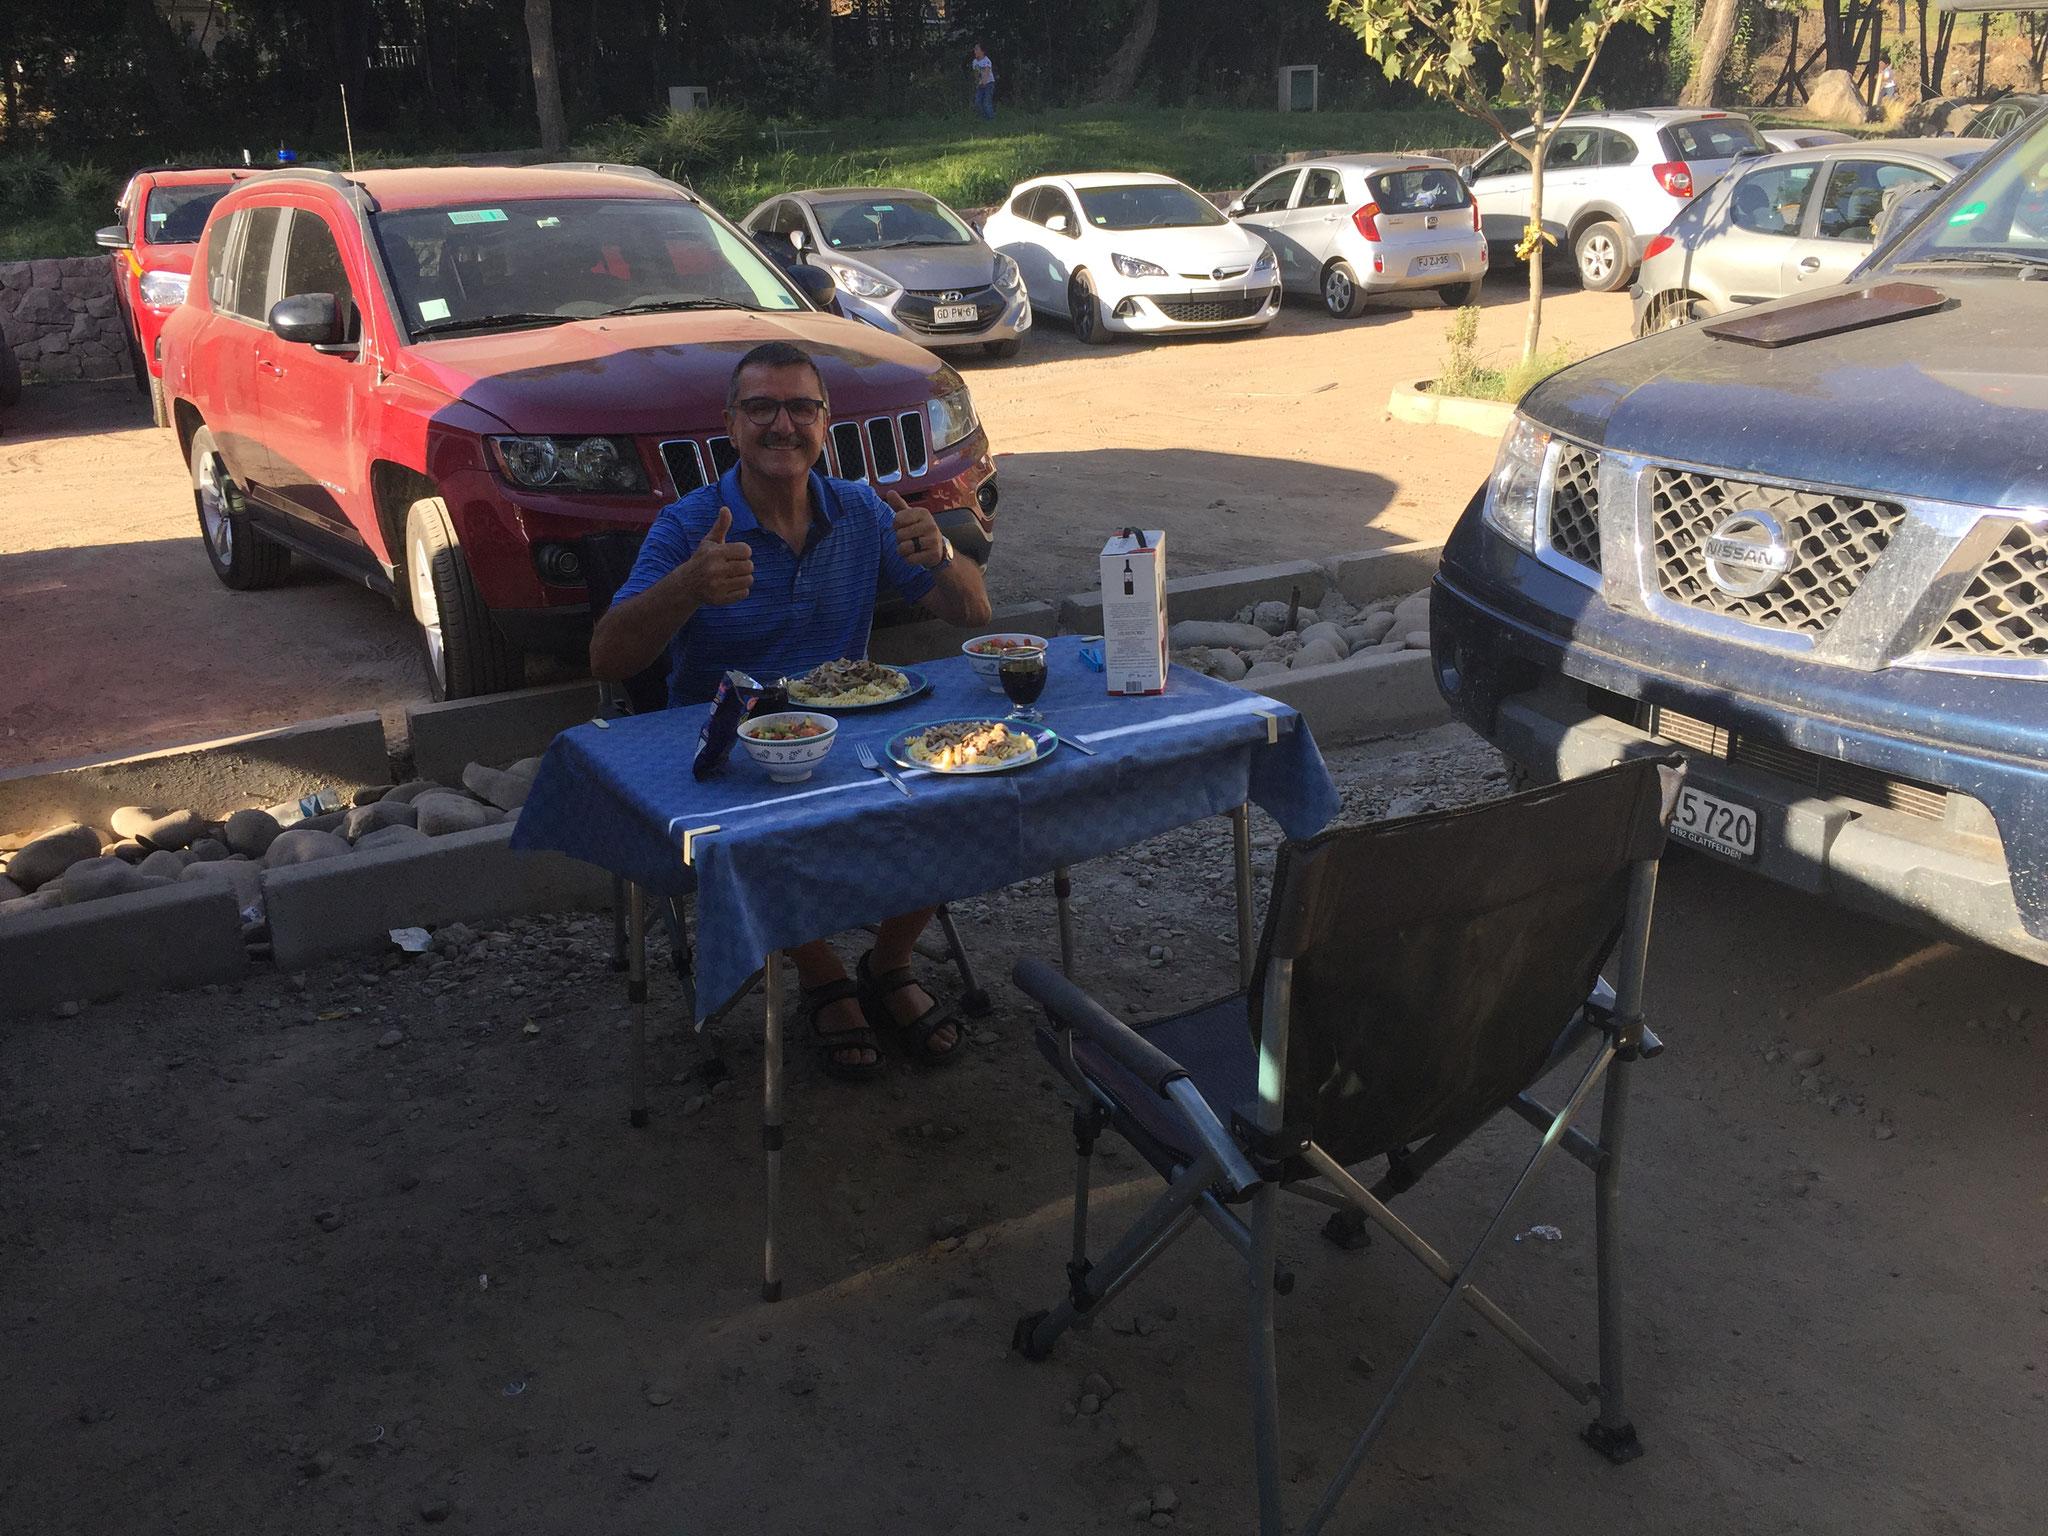 Camping auf Parkplatz...